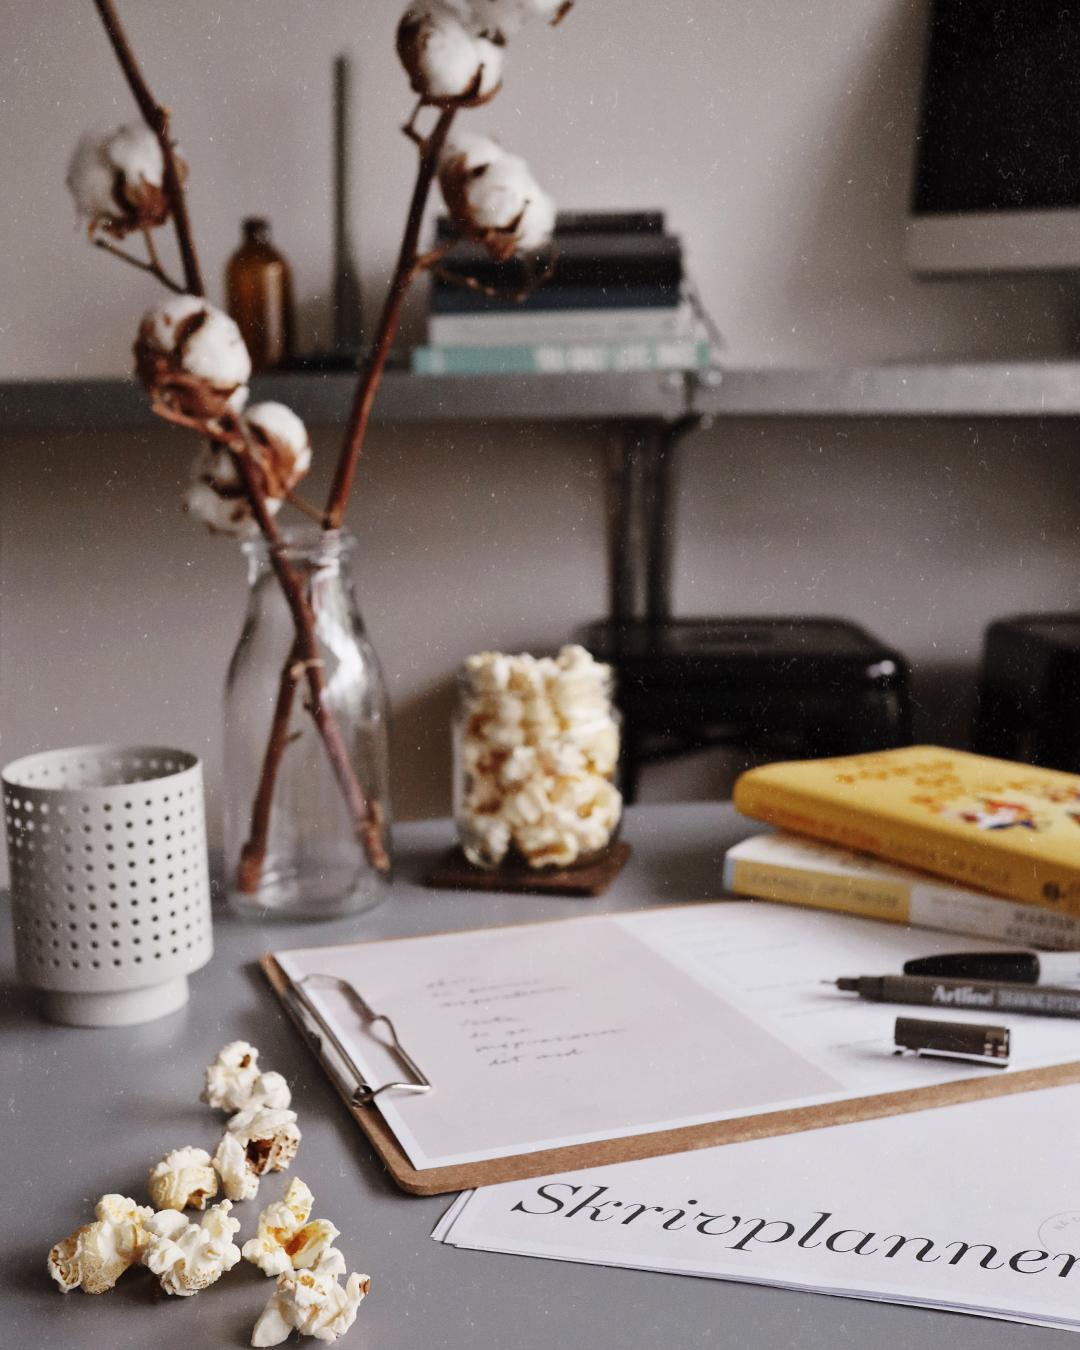 Blicka bakåt när du planerar framåt för att nå ditt skrivmål